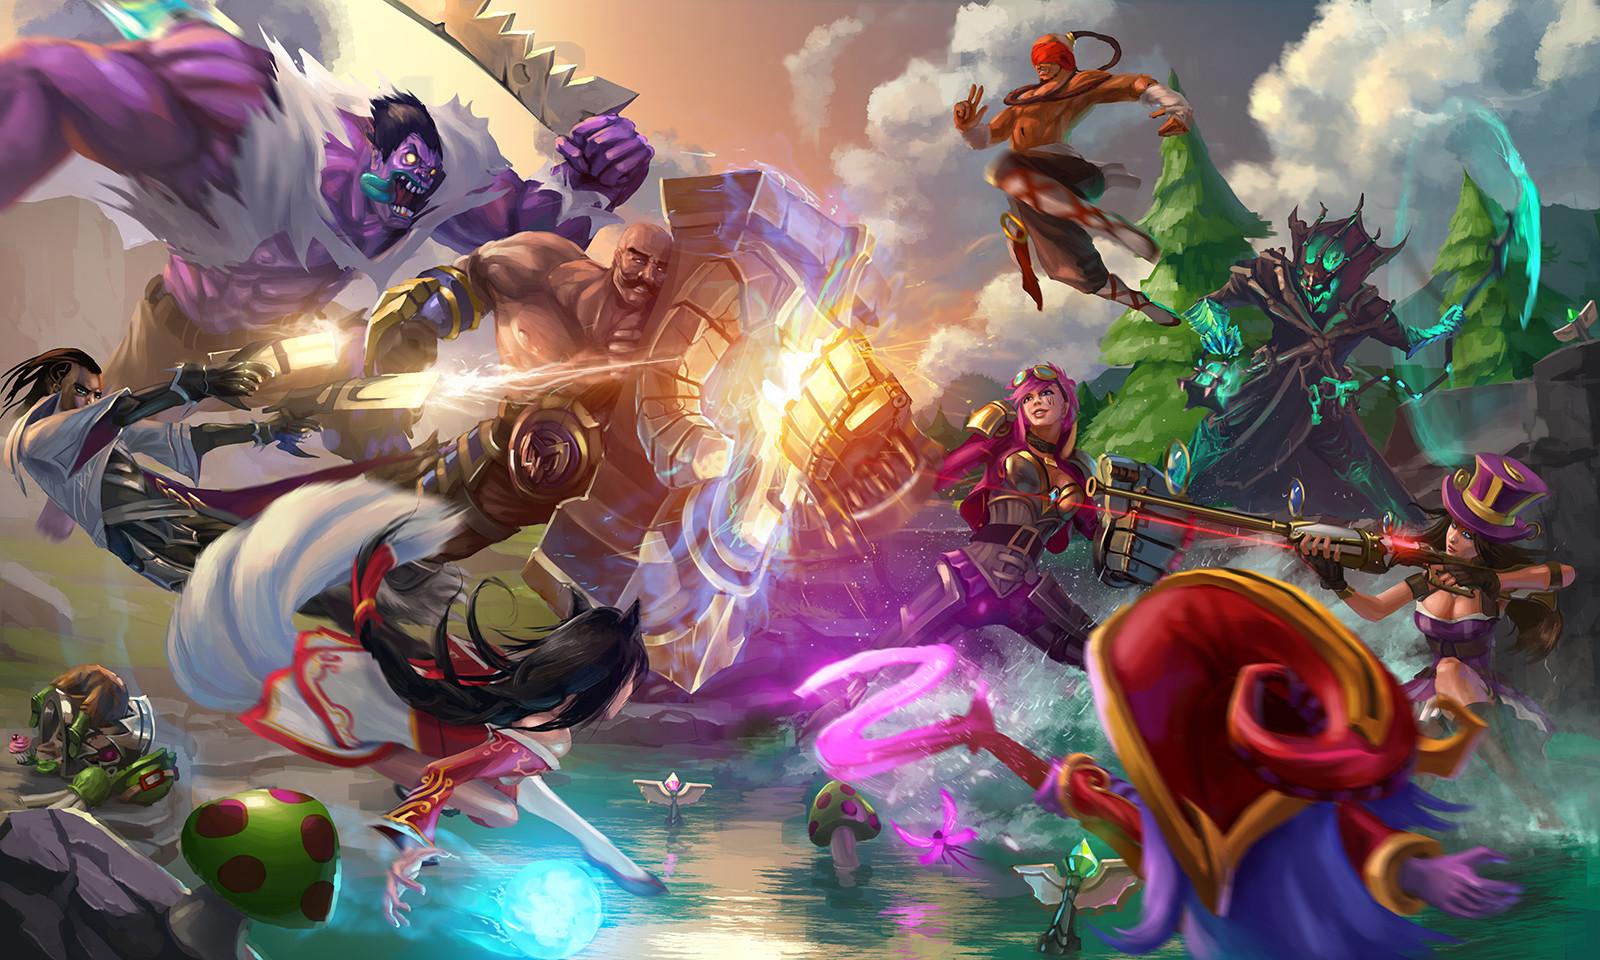 Una ilustración hecha por un seguidor del juego, lo que se conoce como 'fan art'. Propiedad de na.leagueoflegends.com